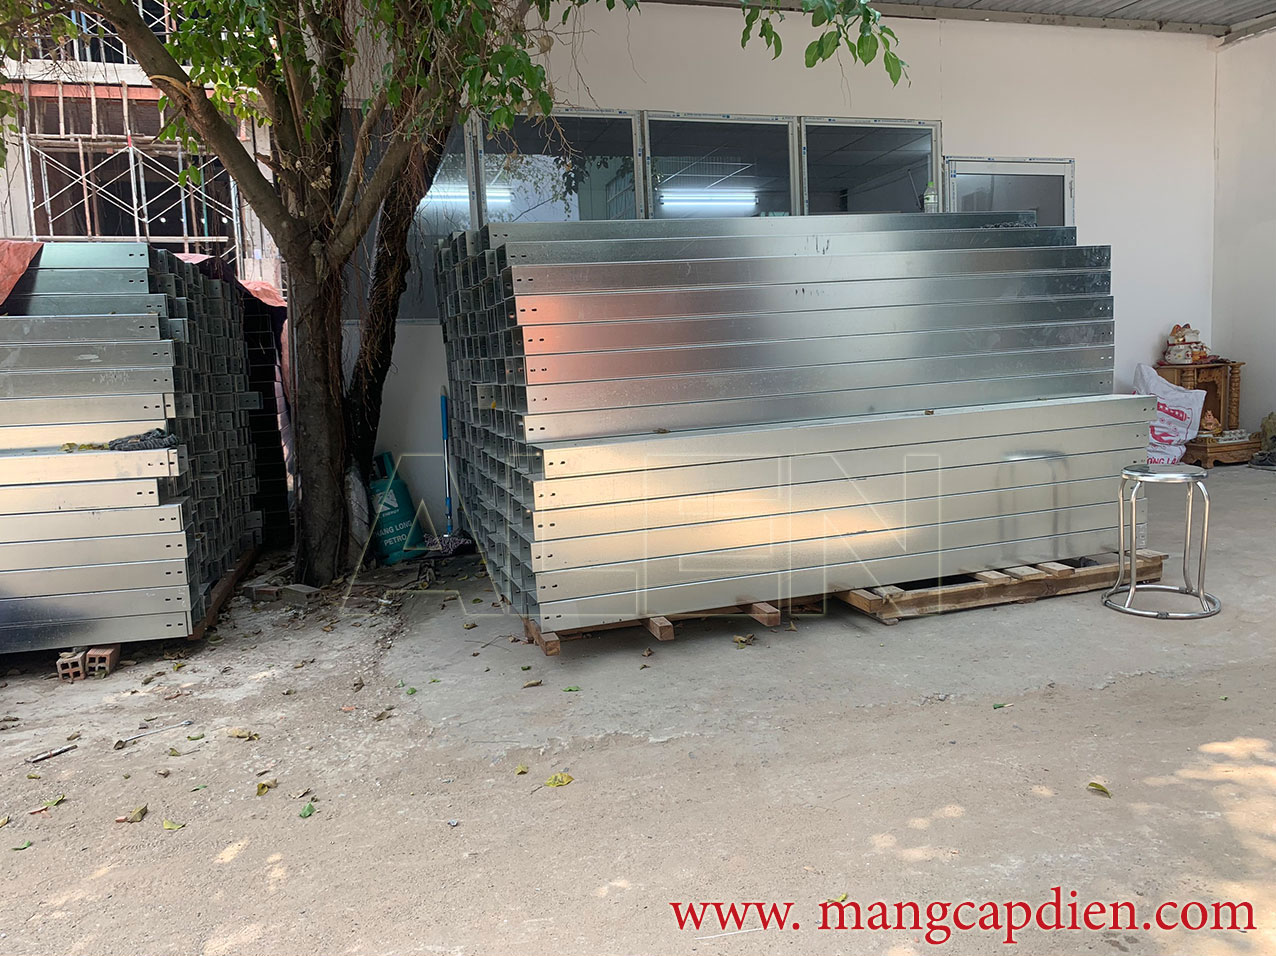  sản xuất thang máng cáp tại hcm